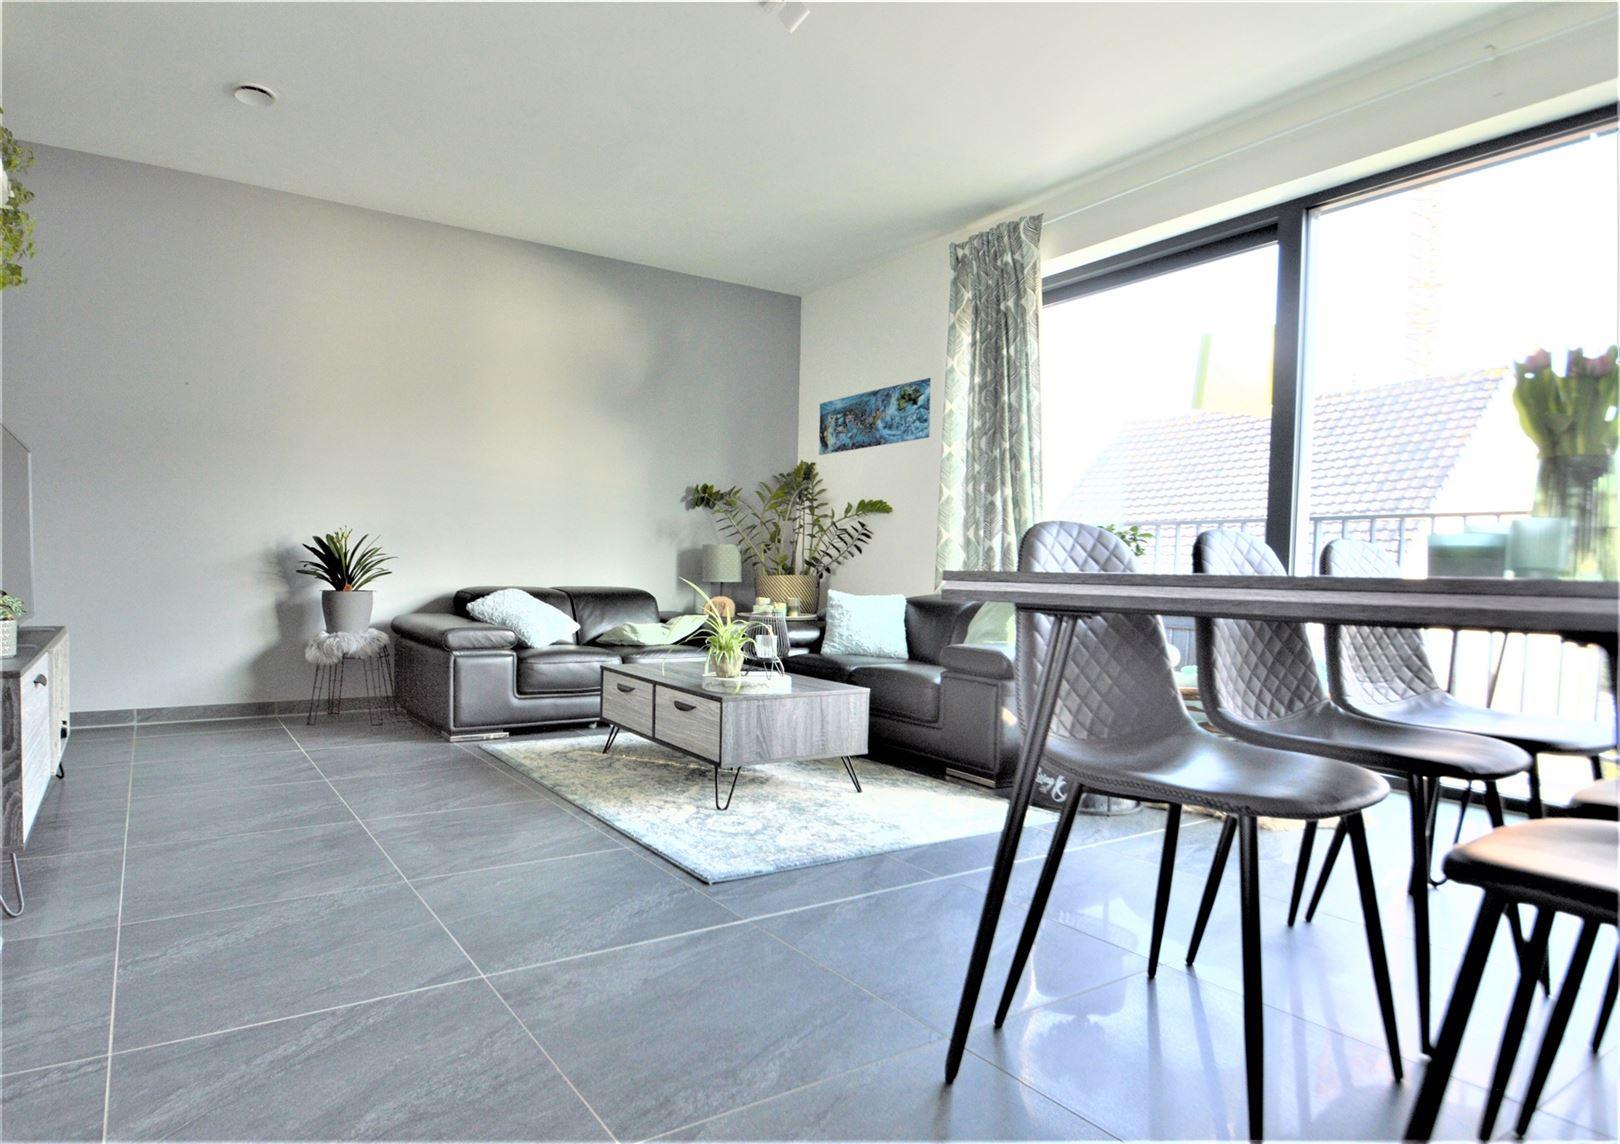 Foto 3 : Appartement te 9255 Buggenhout (België) - Prijs € 660